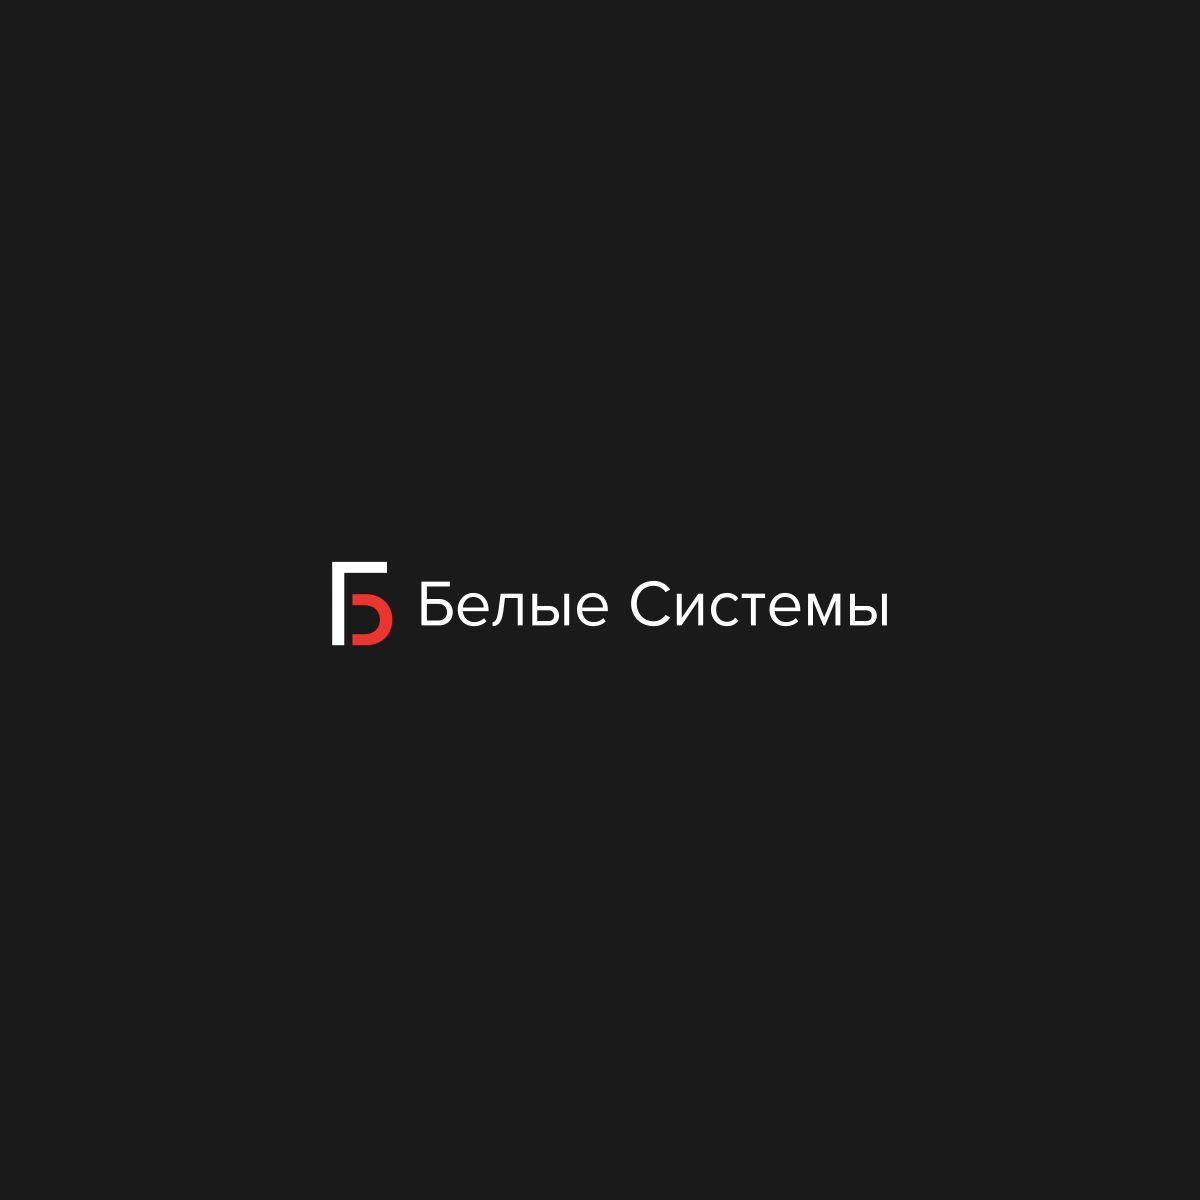 Логотип для SEO компании - дизайнер TVdesign